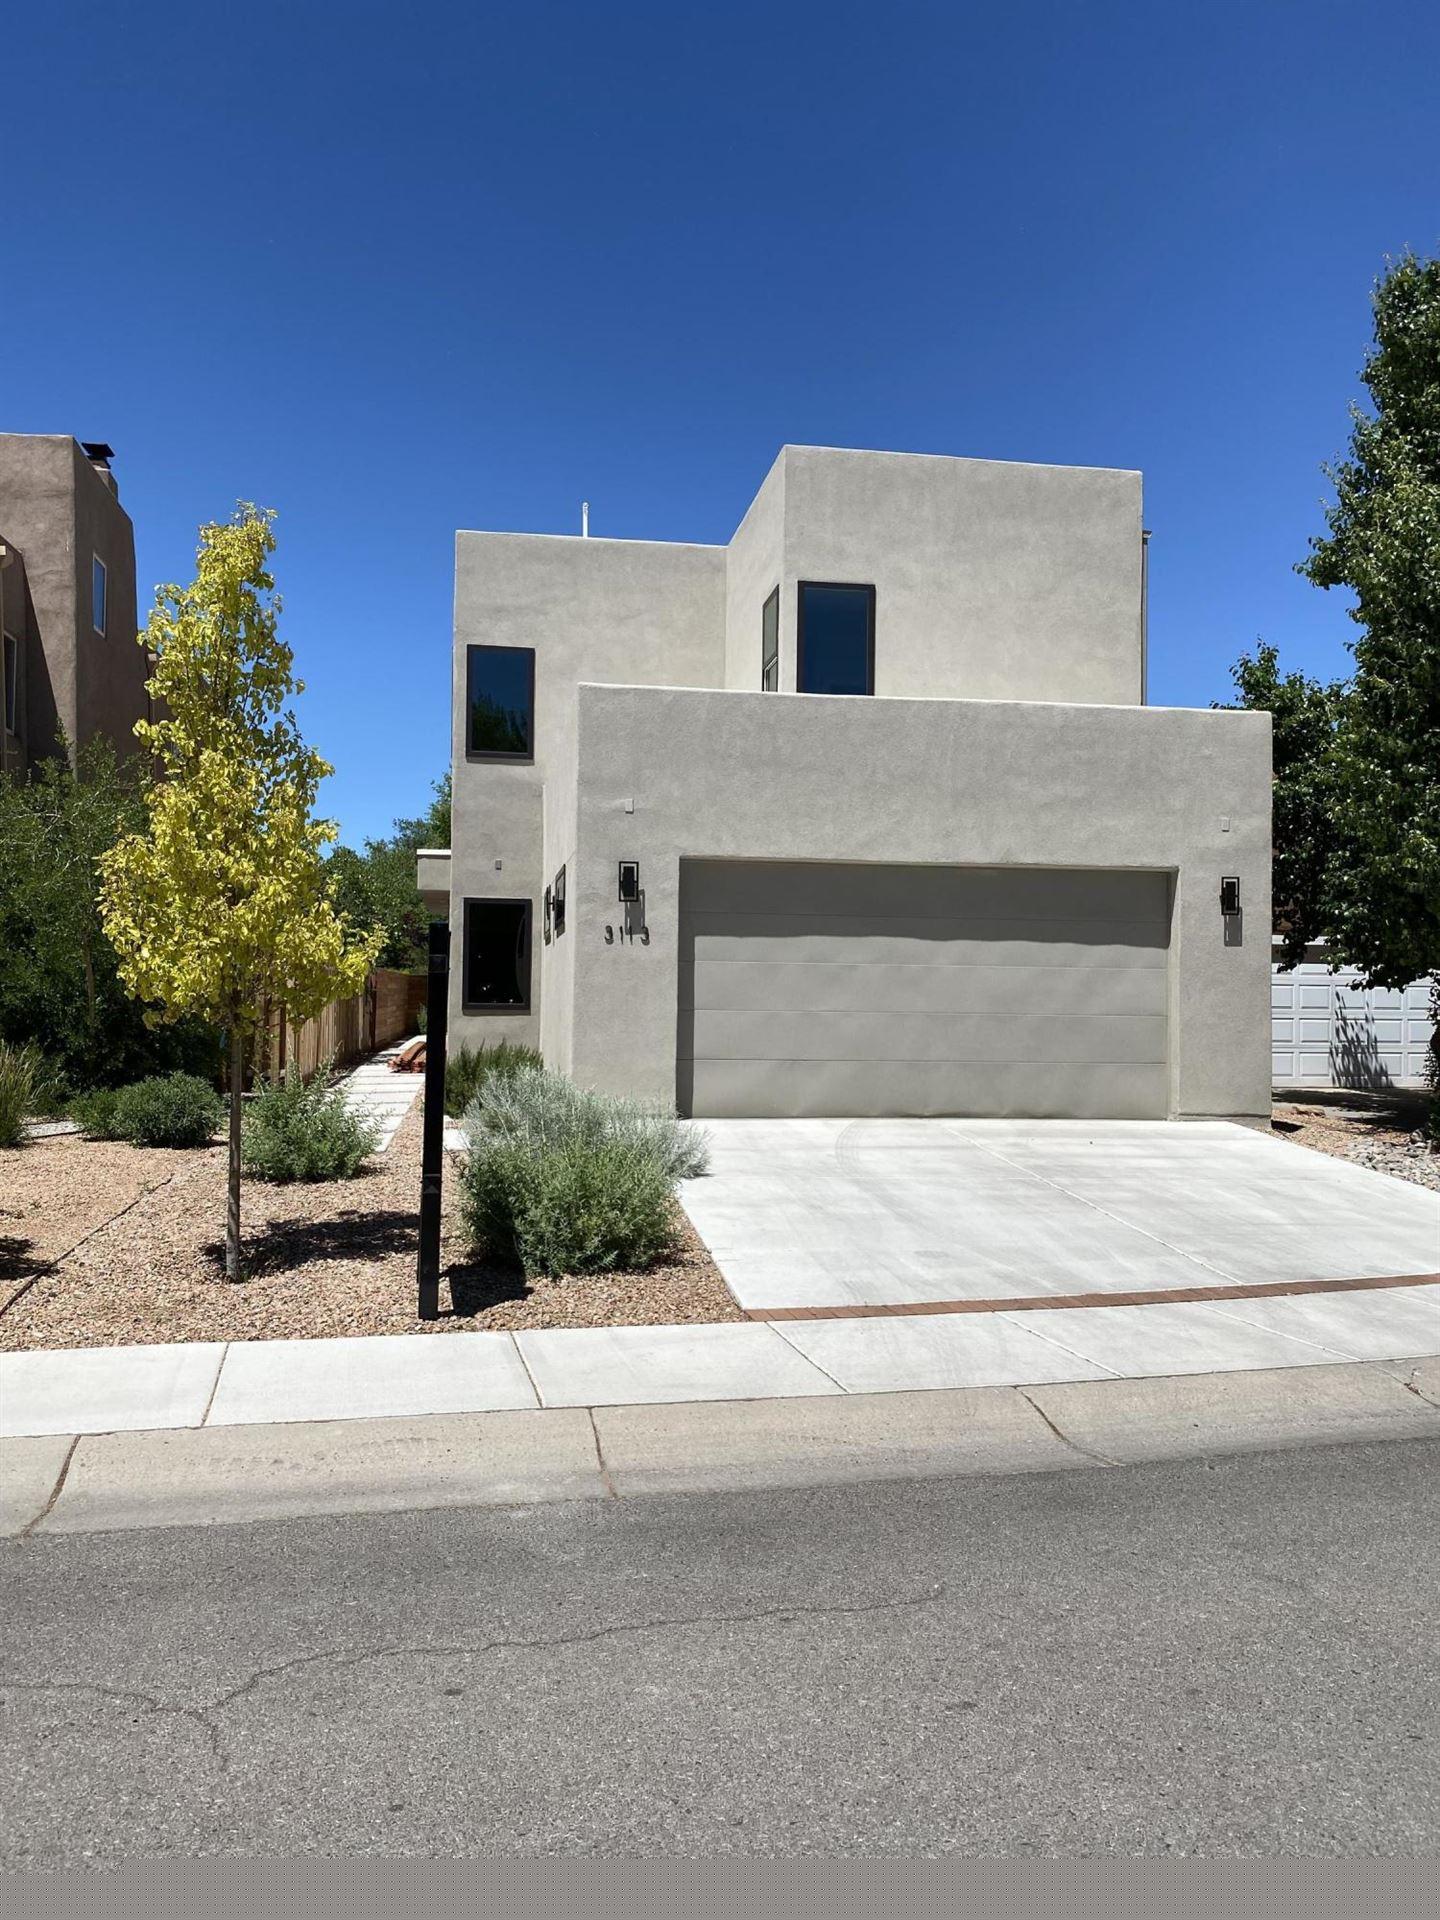 Photo of 3113 CALLE DE ALAMO NW, Albuquerque, NM 87104 (MLS # 968861)